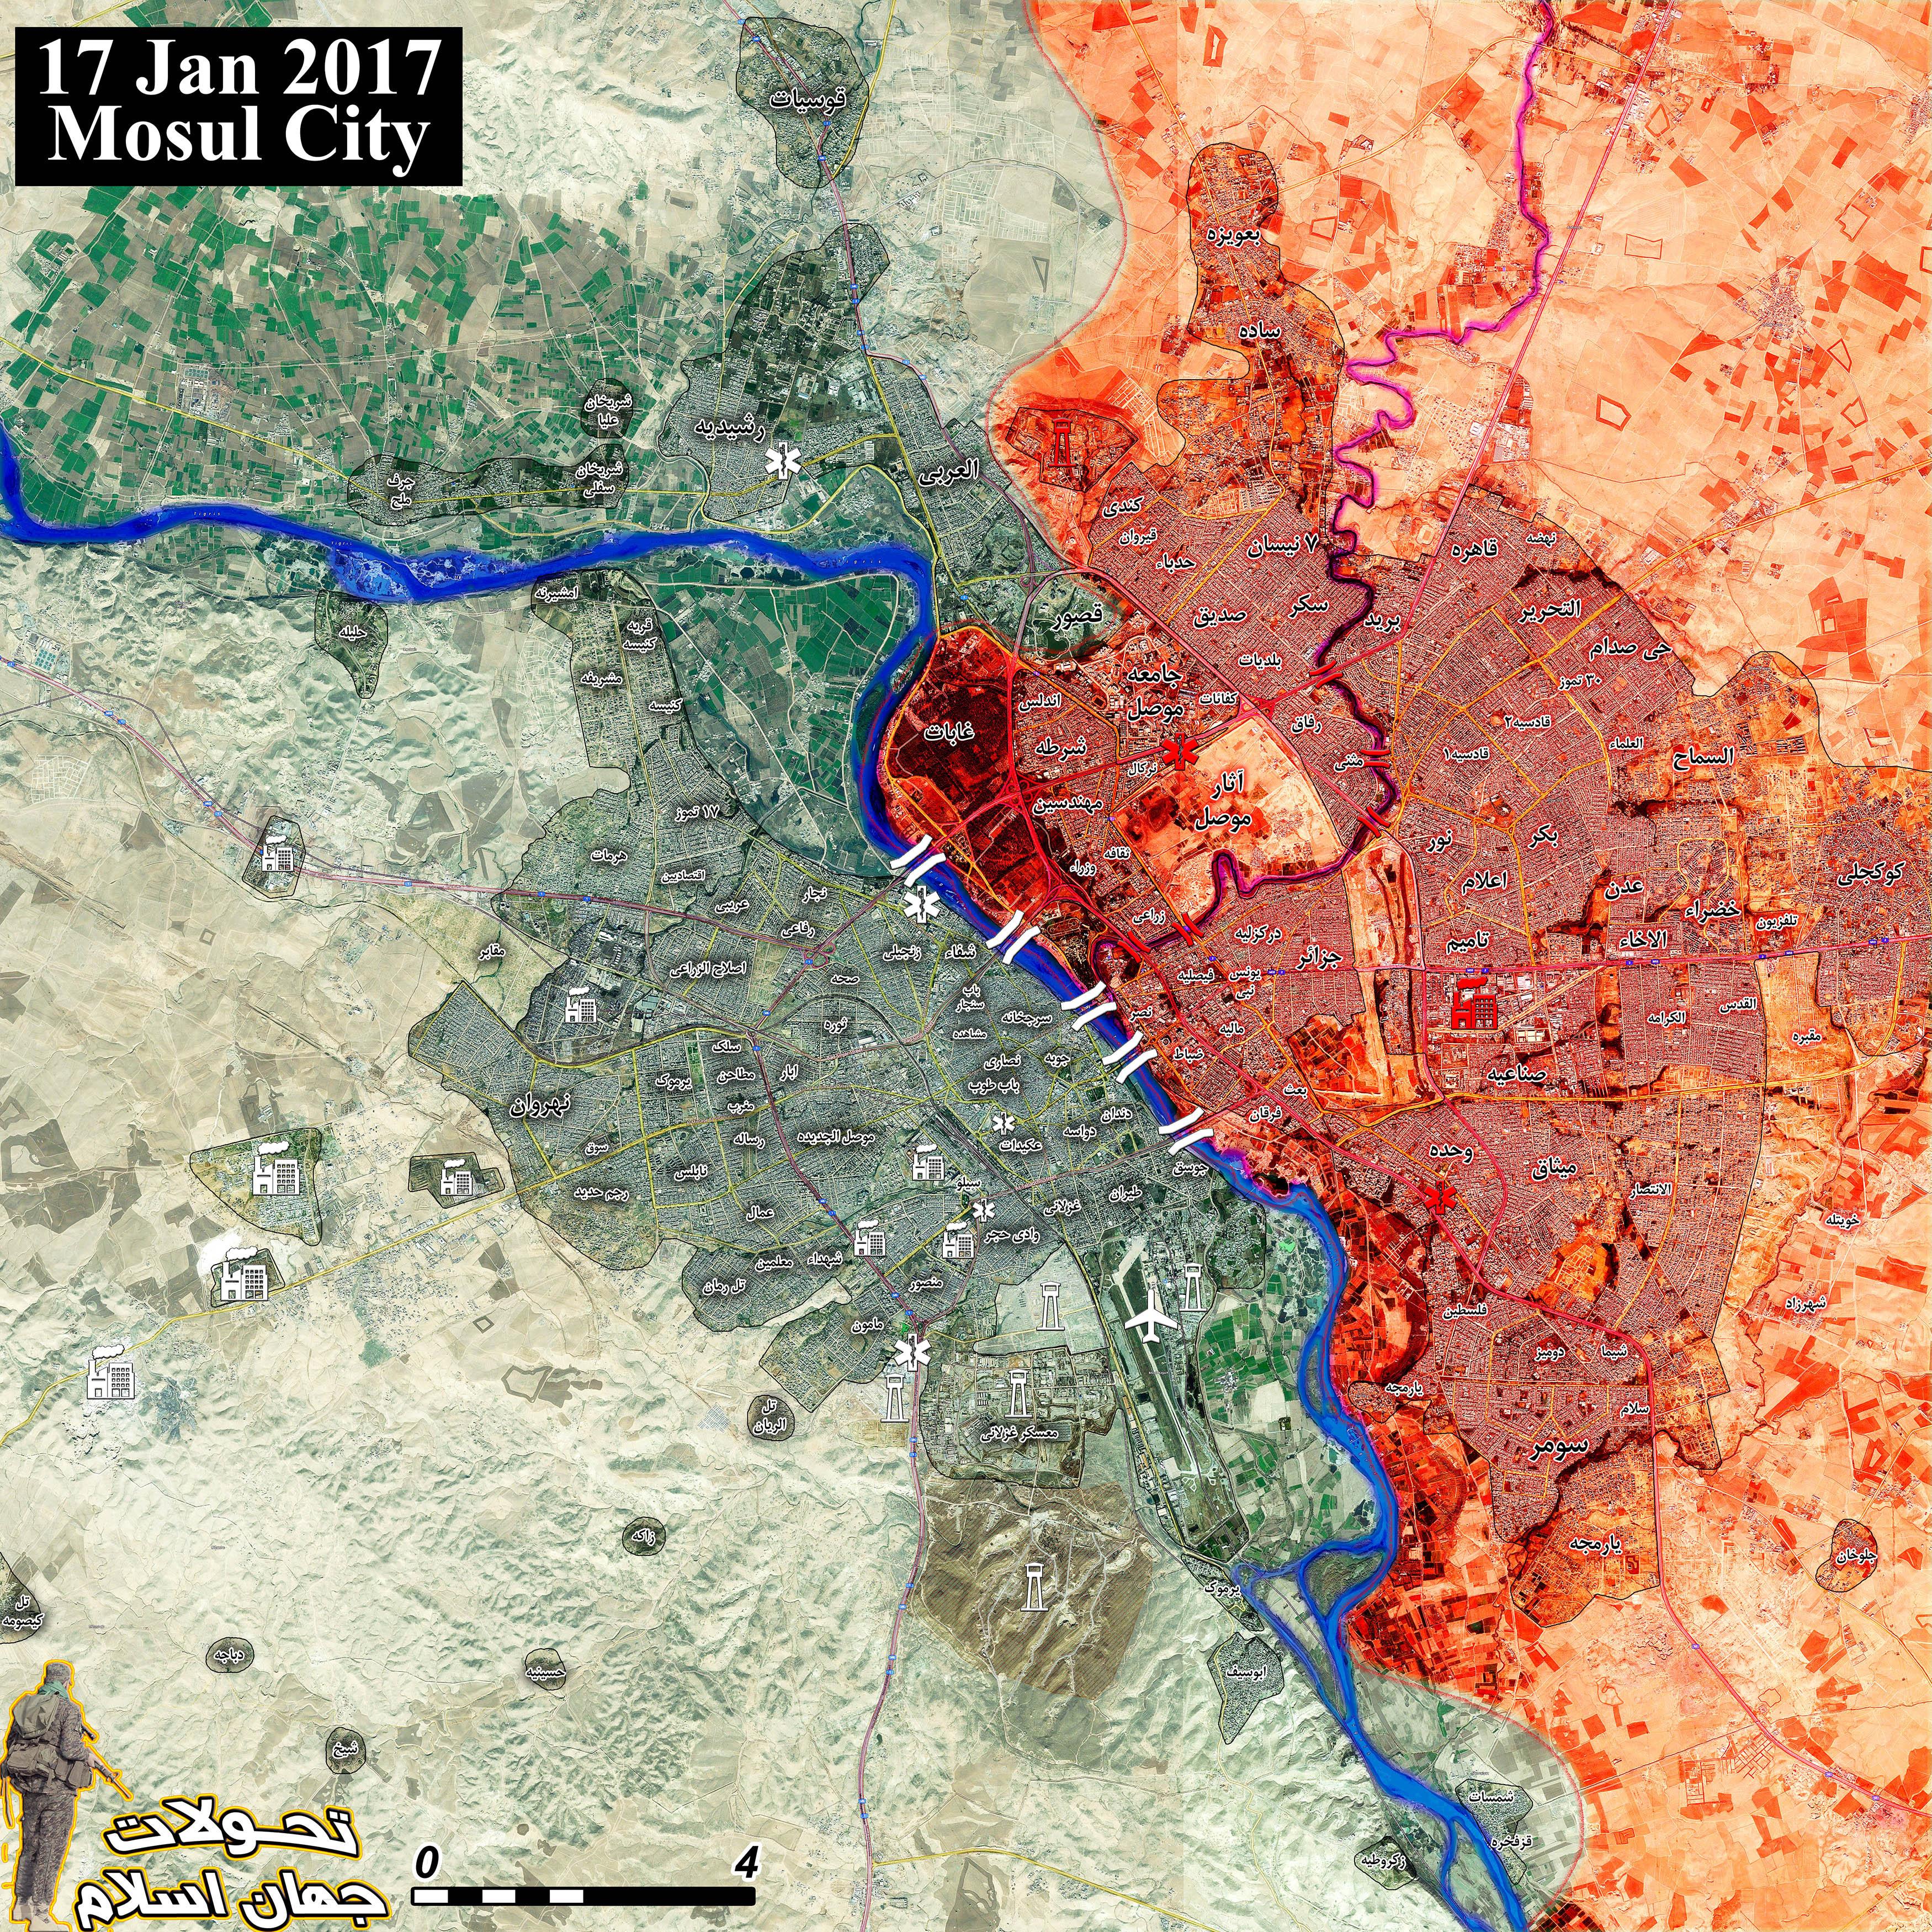 Klicken Sie auf die Karte um diese in voller Größe zu sehen - Karte: @A7_Mirza / Twitter